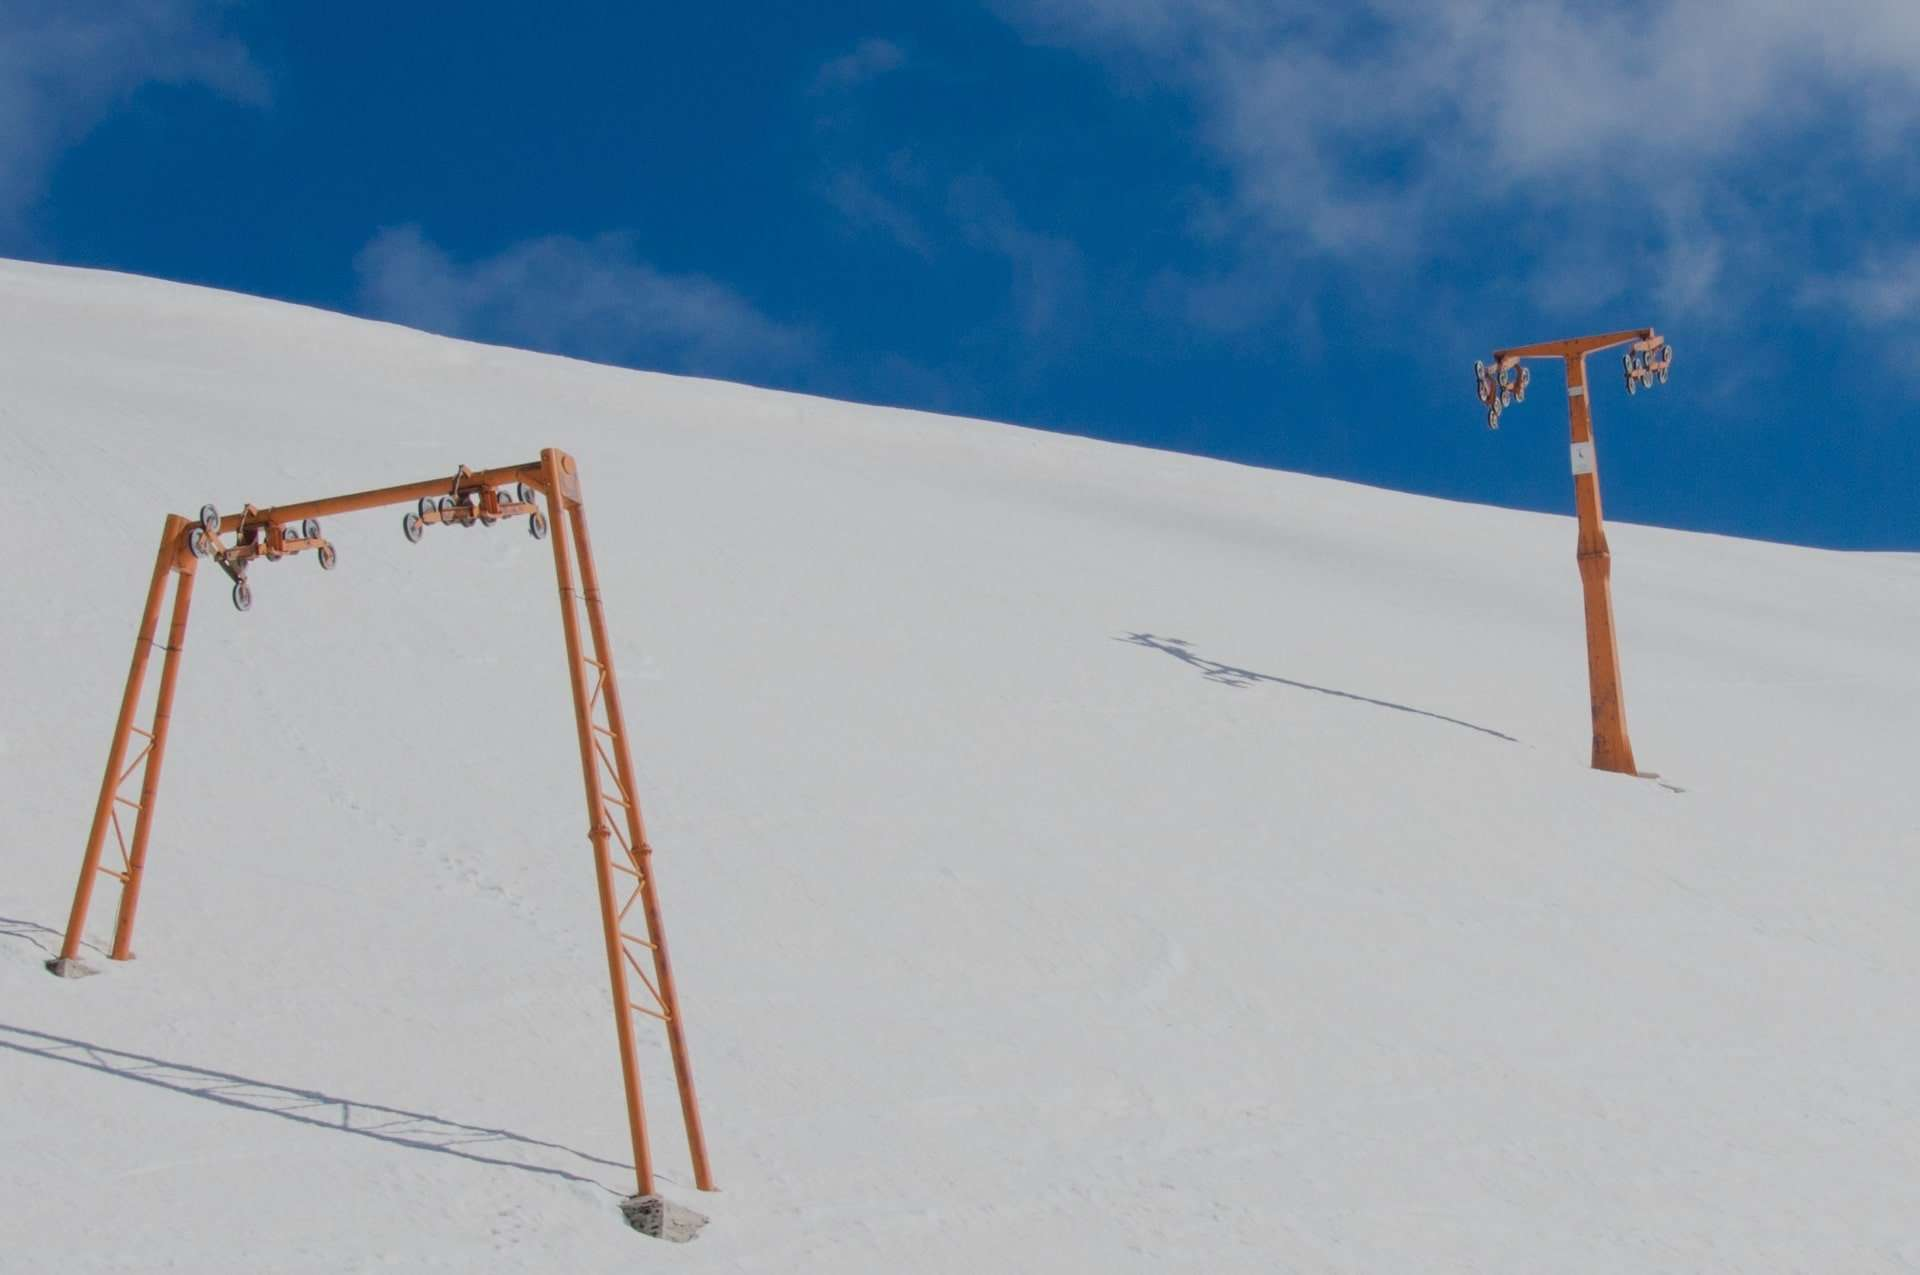 terminillo mappa impianti piste sci